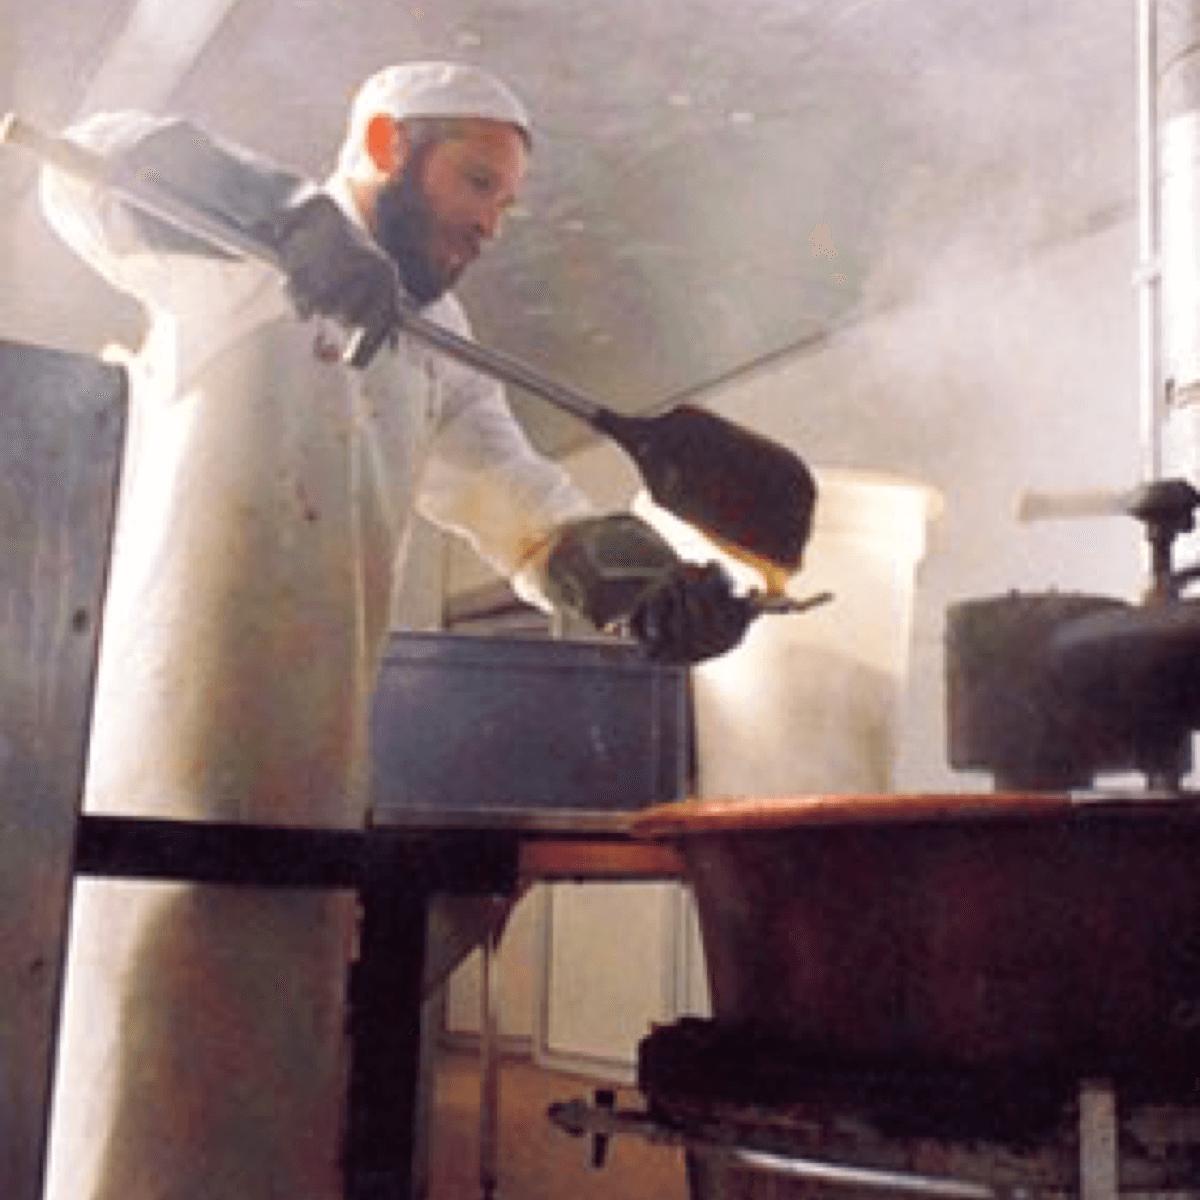 Ci-dessus, un frère de l'abbaye de Timadeuc en train de cuir artisanalement les célèbres et délicieuses pâtes de fruits de la communauté